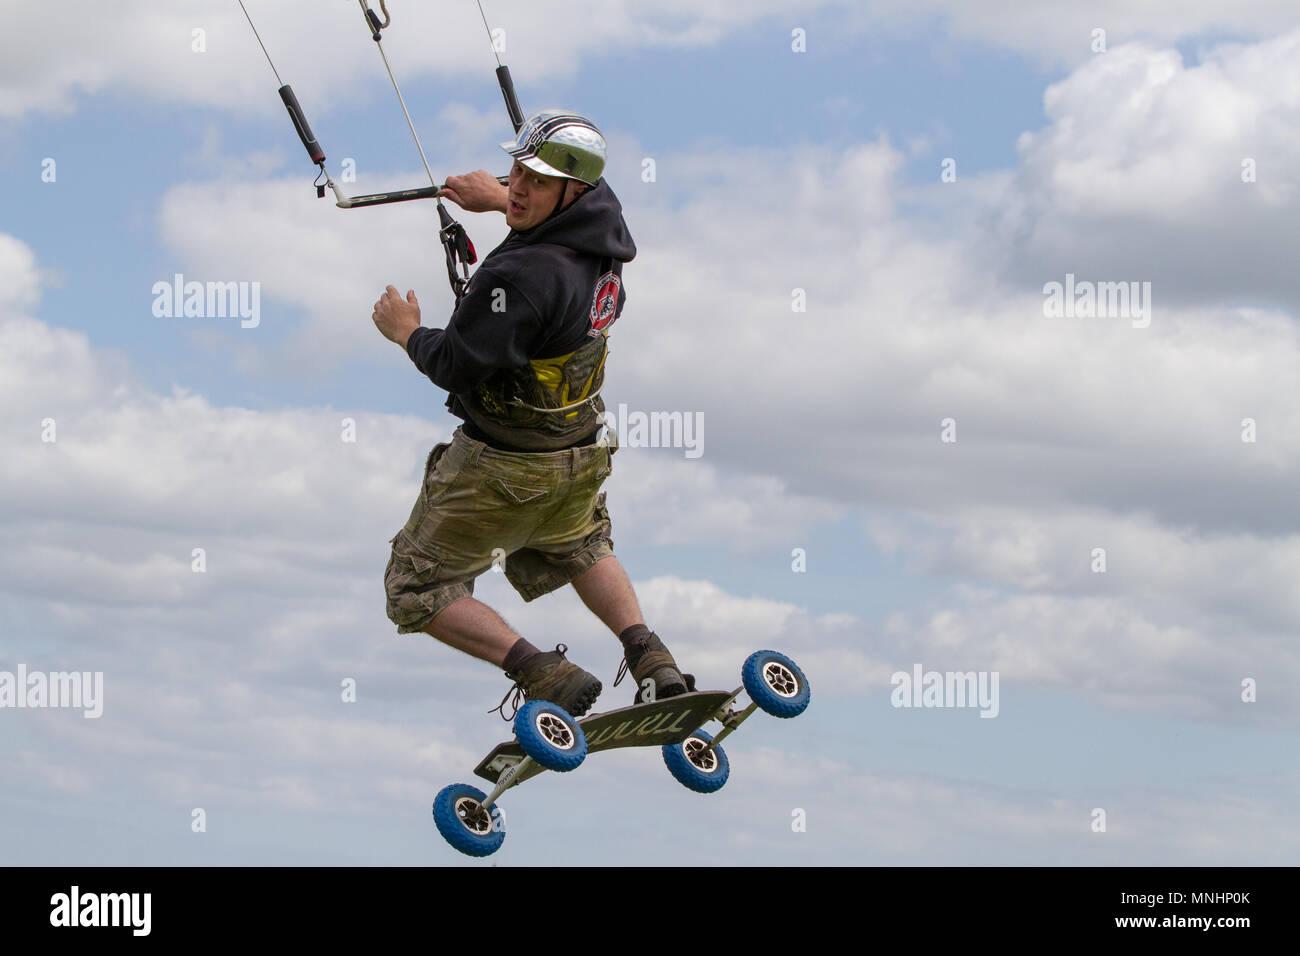 Extreme sport kite landboarding in Essex, UK. Airborne. - Stock Image